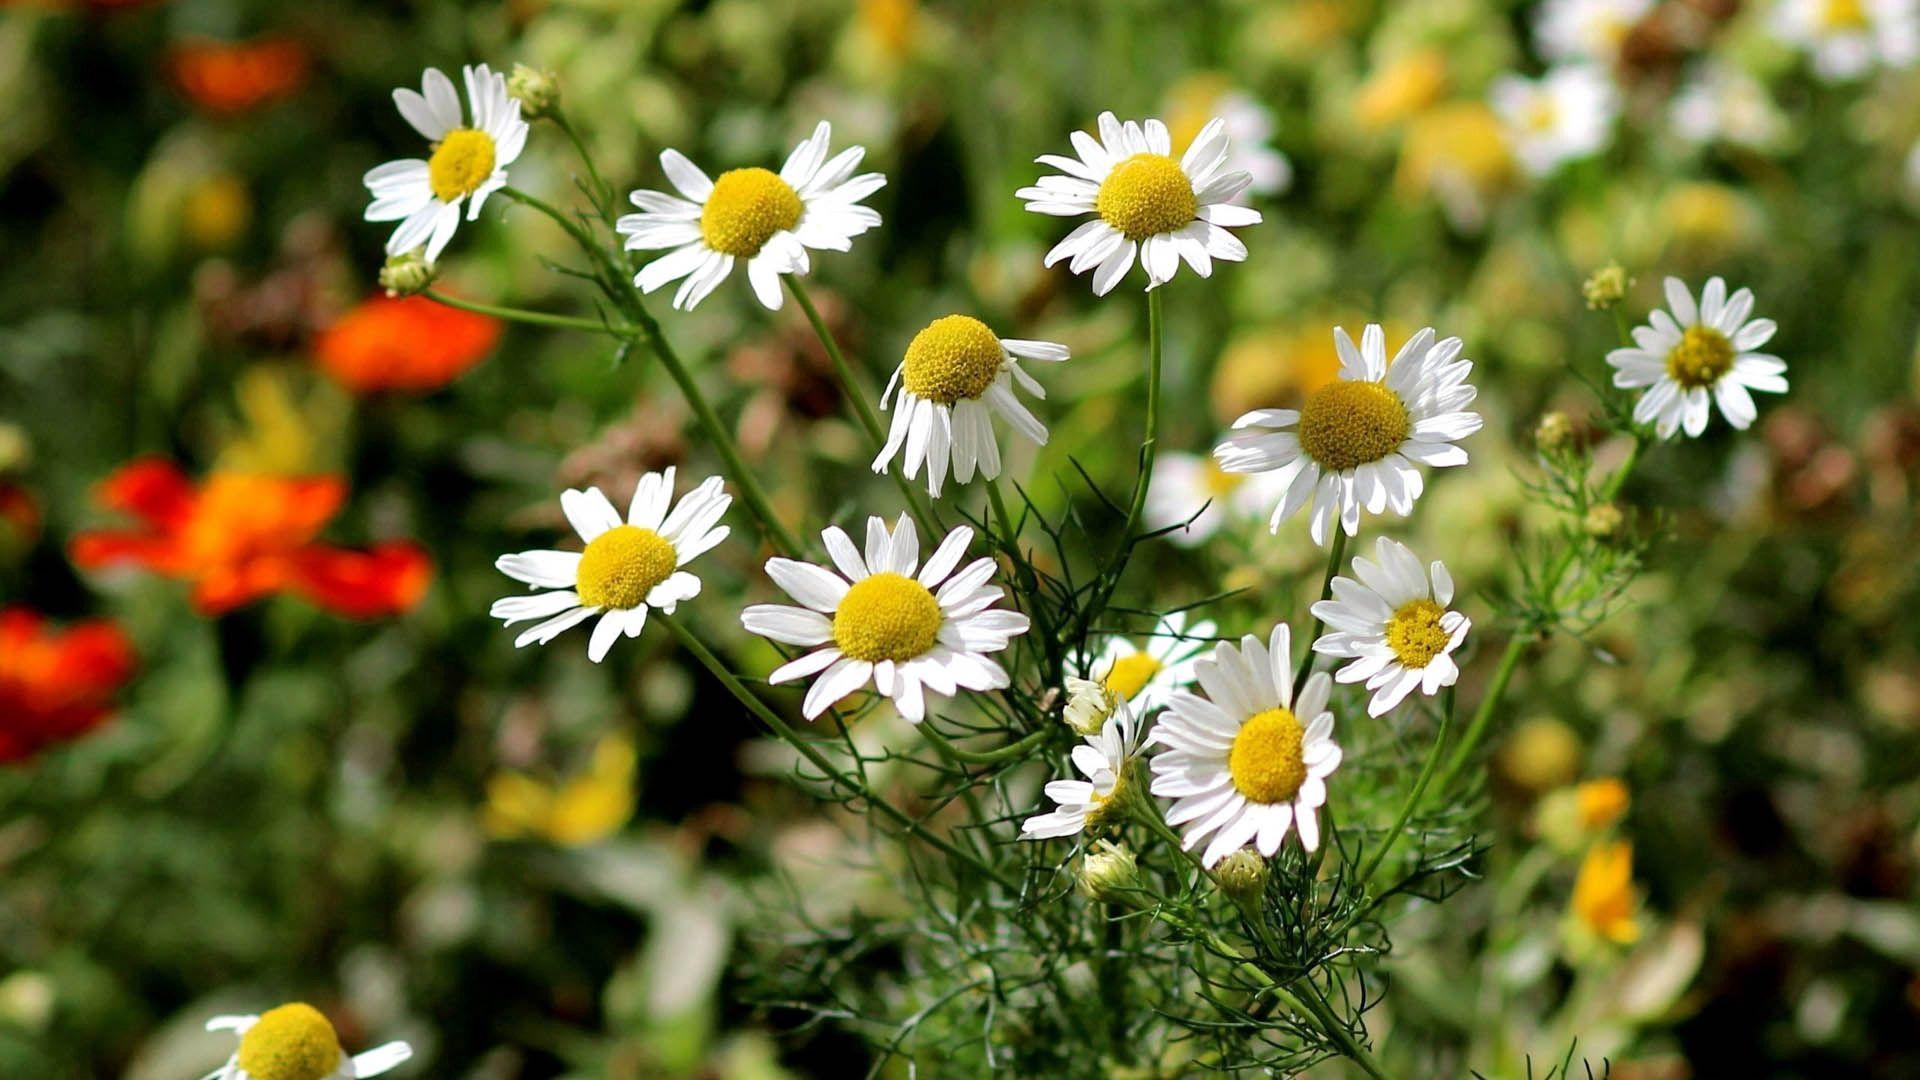 148153 Заставки и Обои Ромашки на телефон. Скачать Цветы, Ромашки, Трава, Листья картинки бесплатно